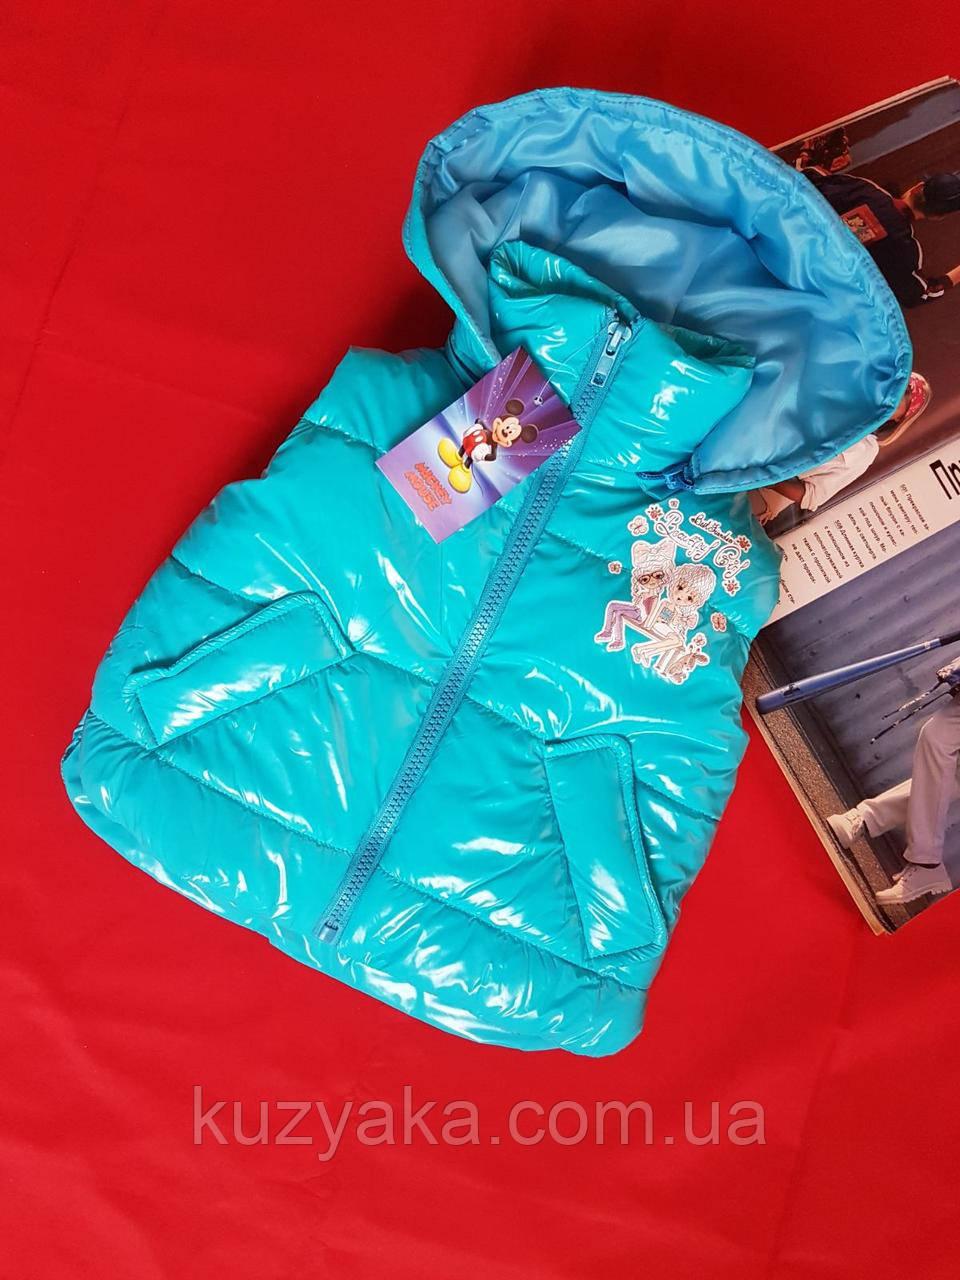 Детская жилетка Монклер бирюза для девочки на рост 80-116 см